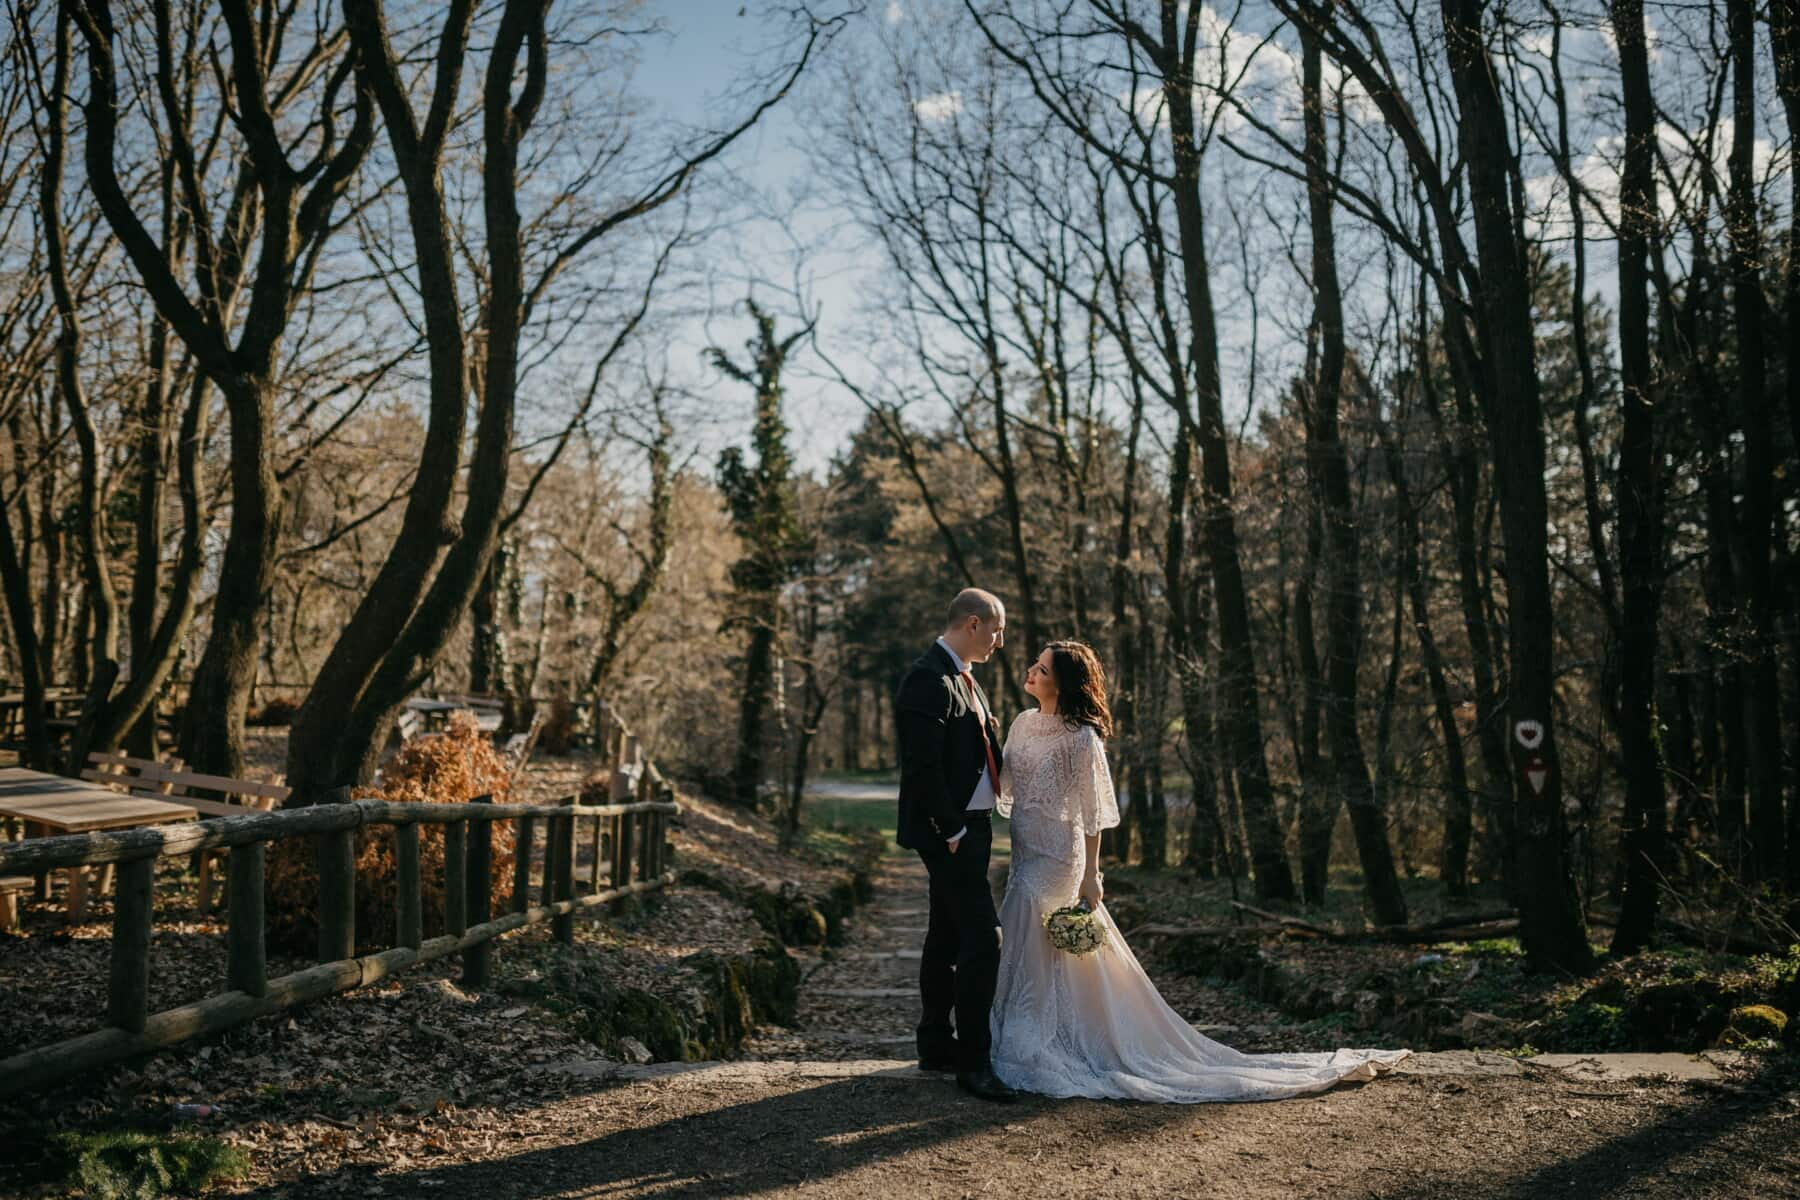 romance, groom, bride, forest, shadow, sunny, autumn season, girl, wedding, couple